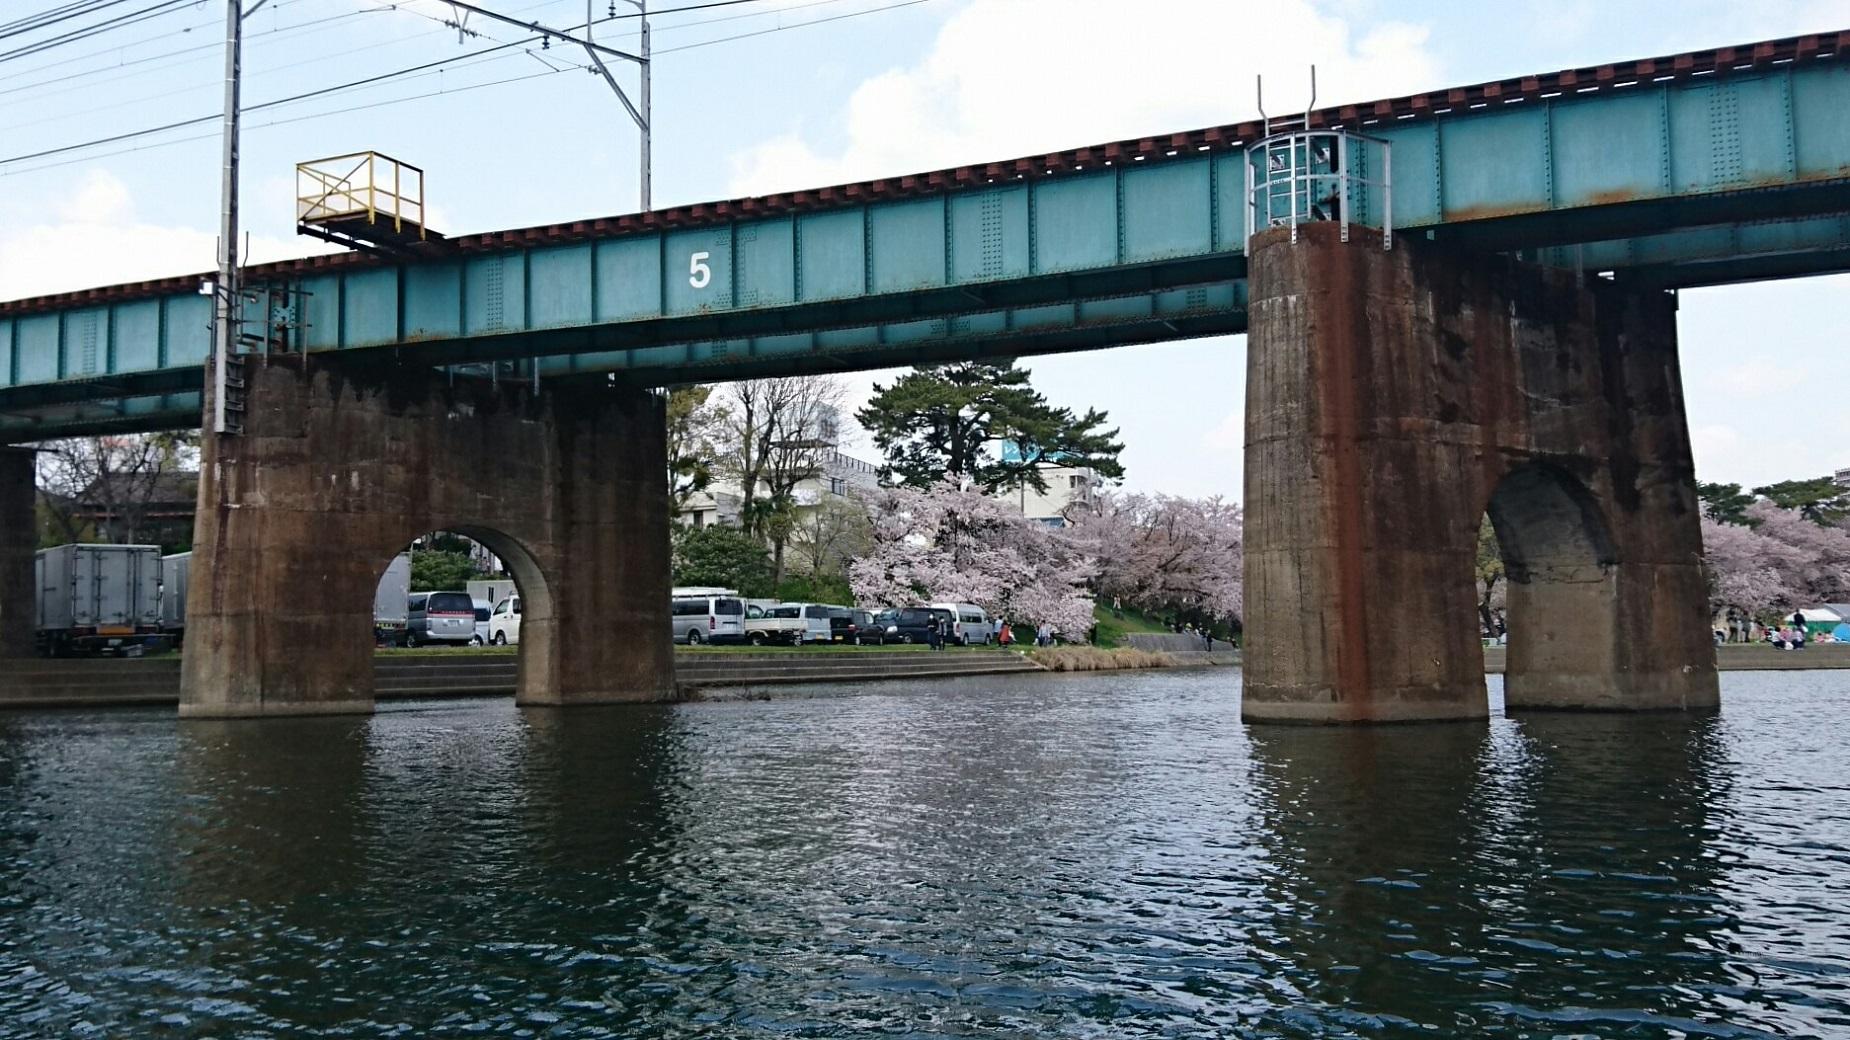 2018.3.31 岡崎ふなあそび (27) くだり - 名古屋本線鉄橋 1850-1040